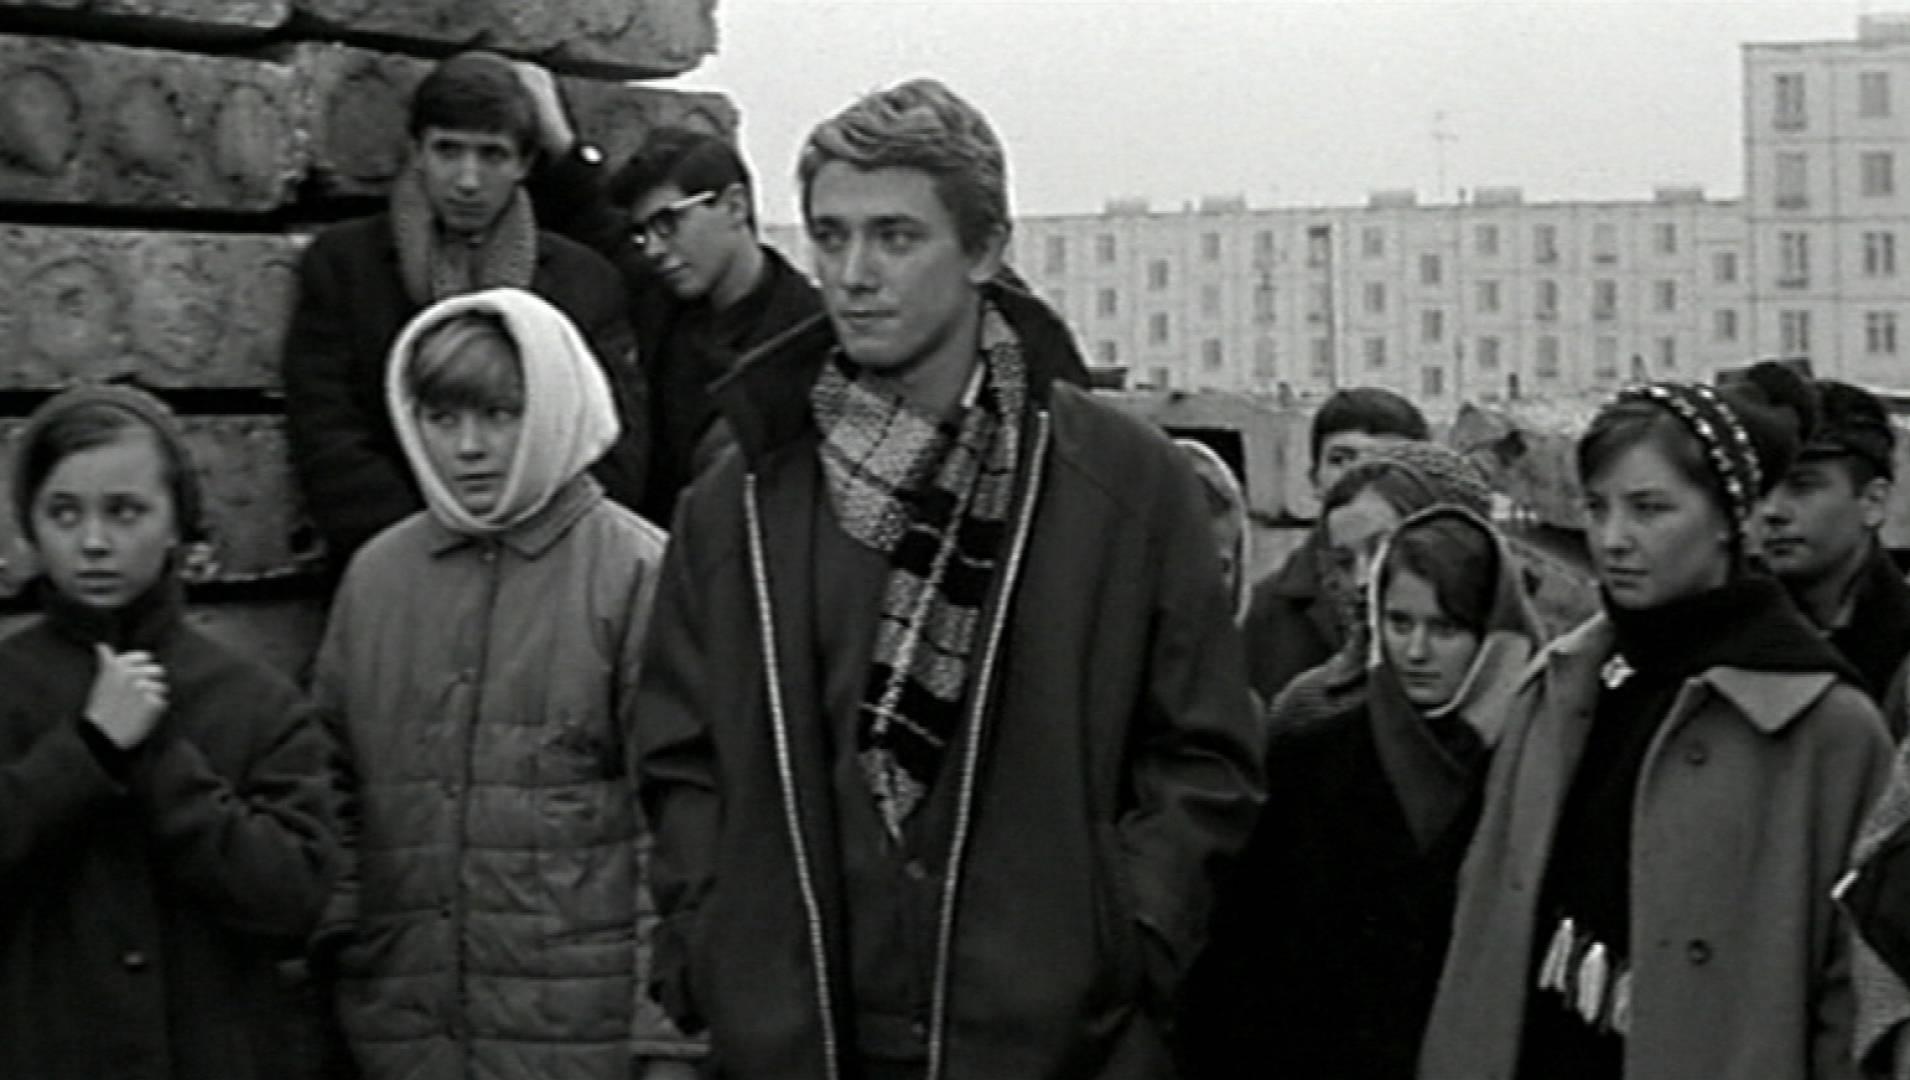 Доживём допонедельника - Киноповесть, Фильм